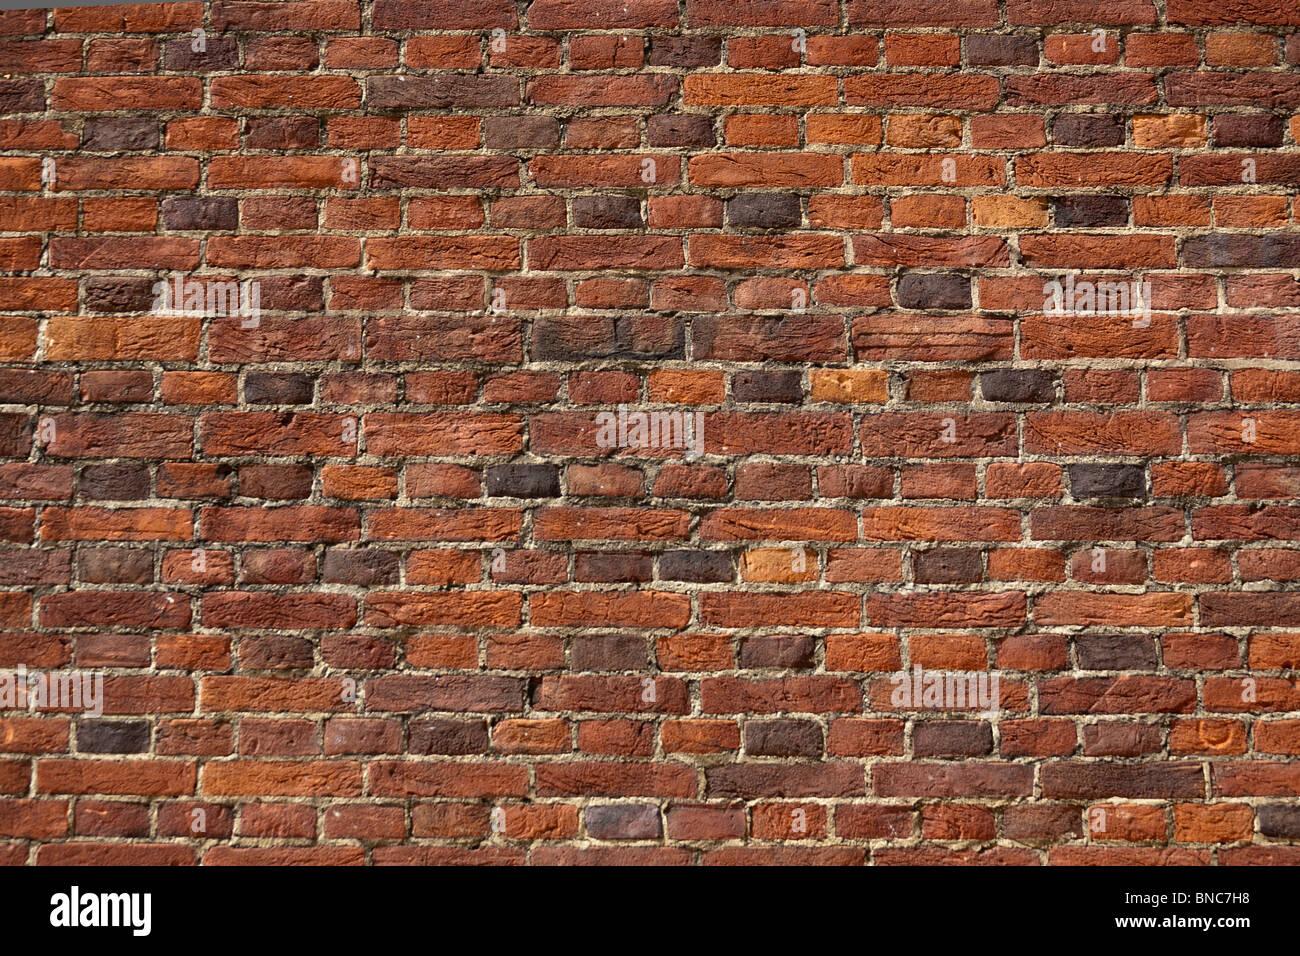 Red Brick Wall. Ein Ausschnitt aus einem roten oder orangefarbenen Ziegelmauer. Gut für Hintergründe. Stockbild